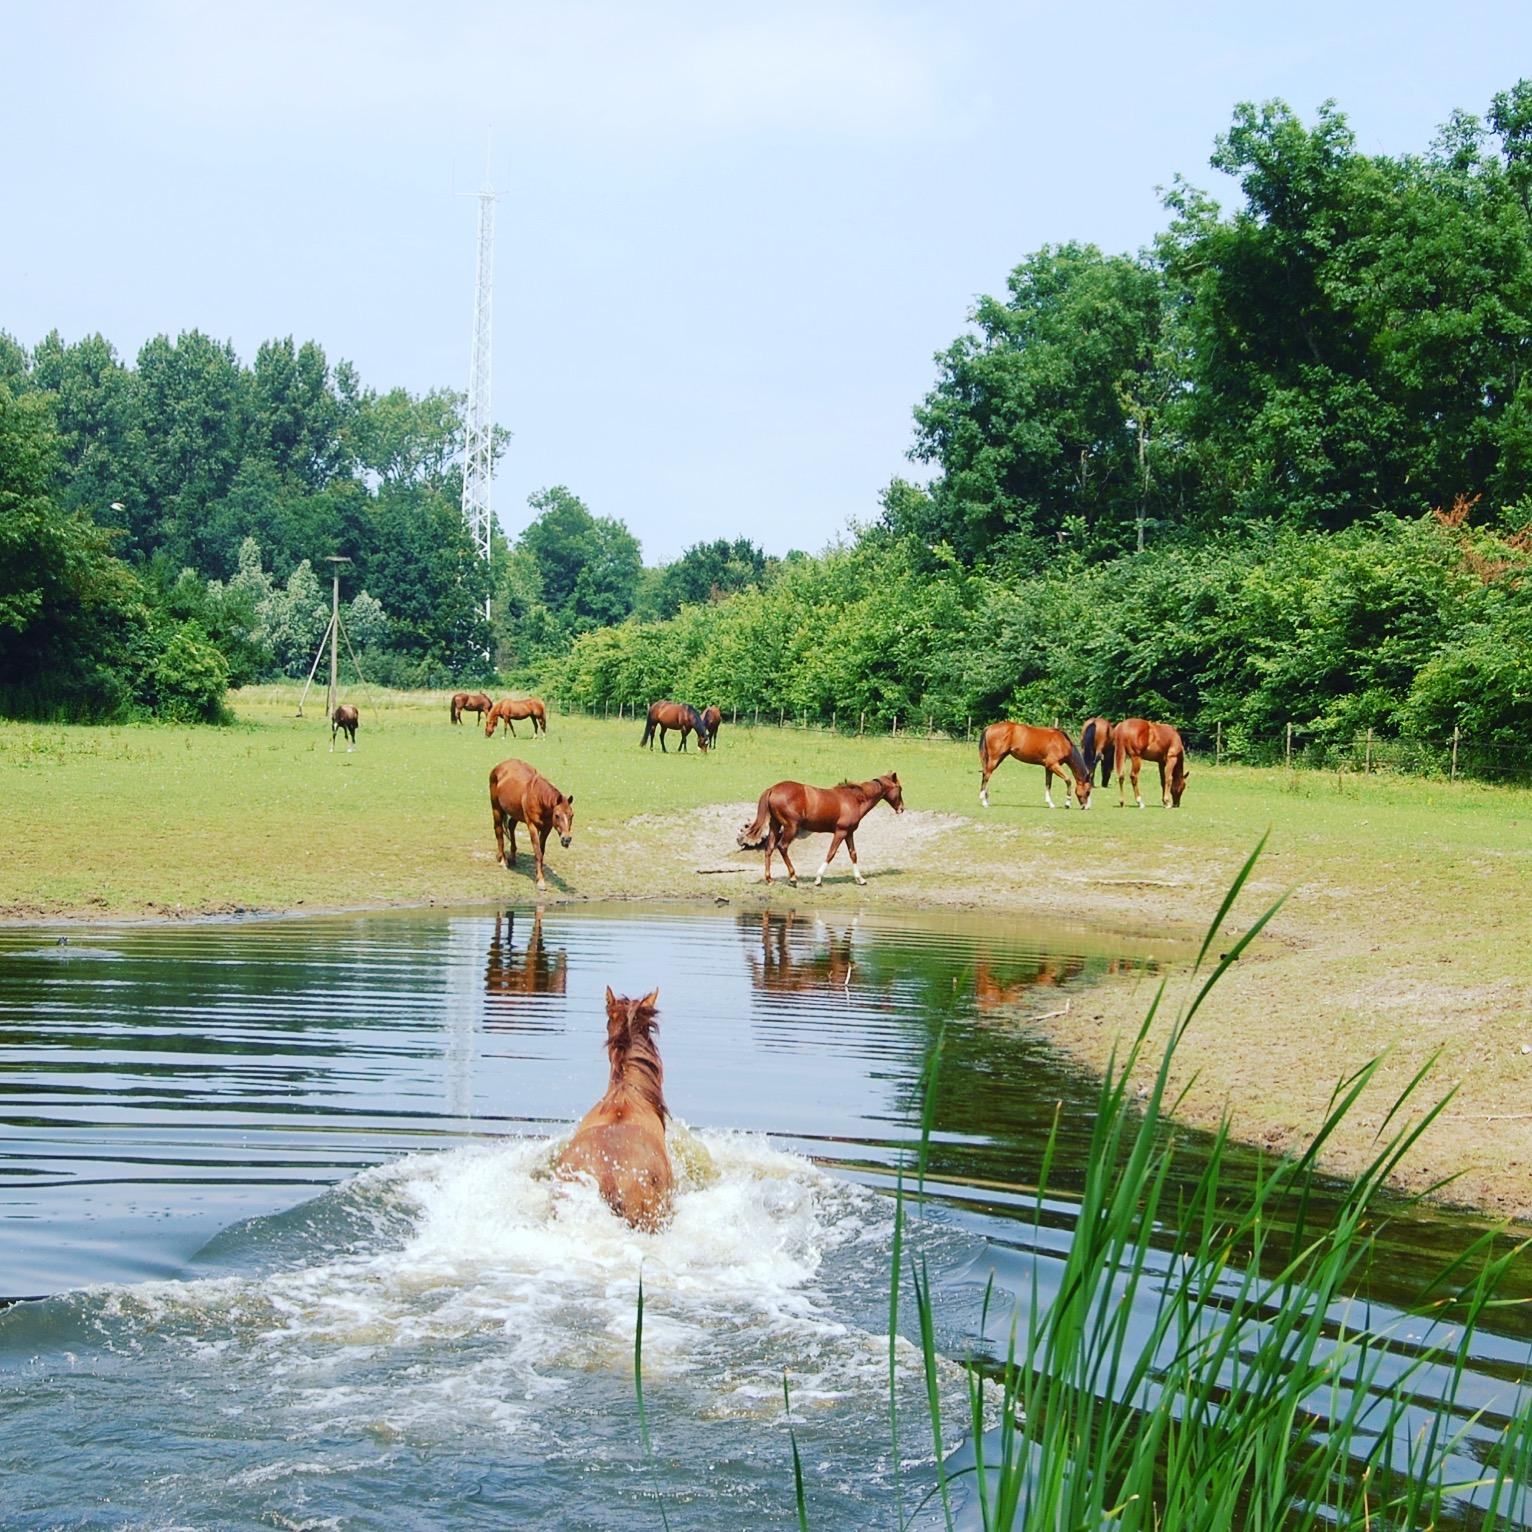 Rearing foals